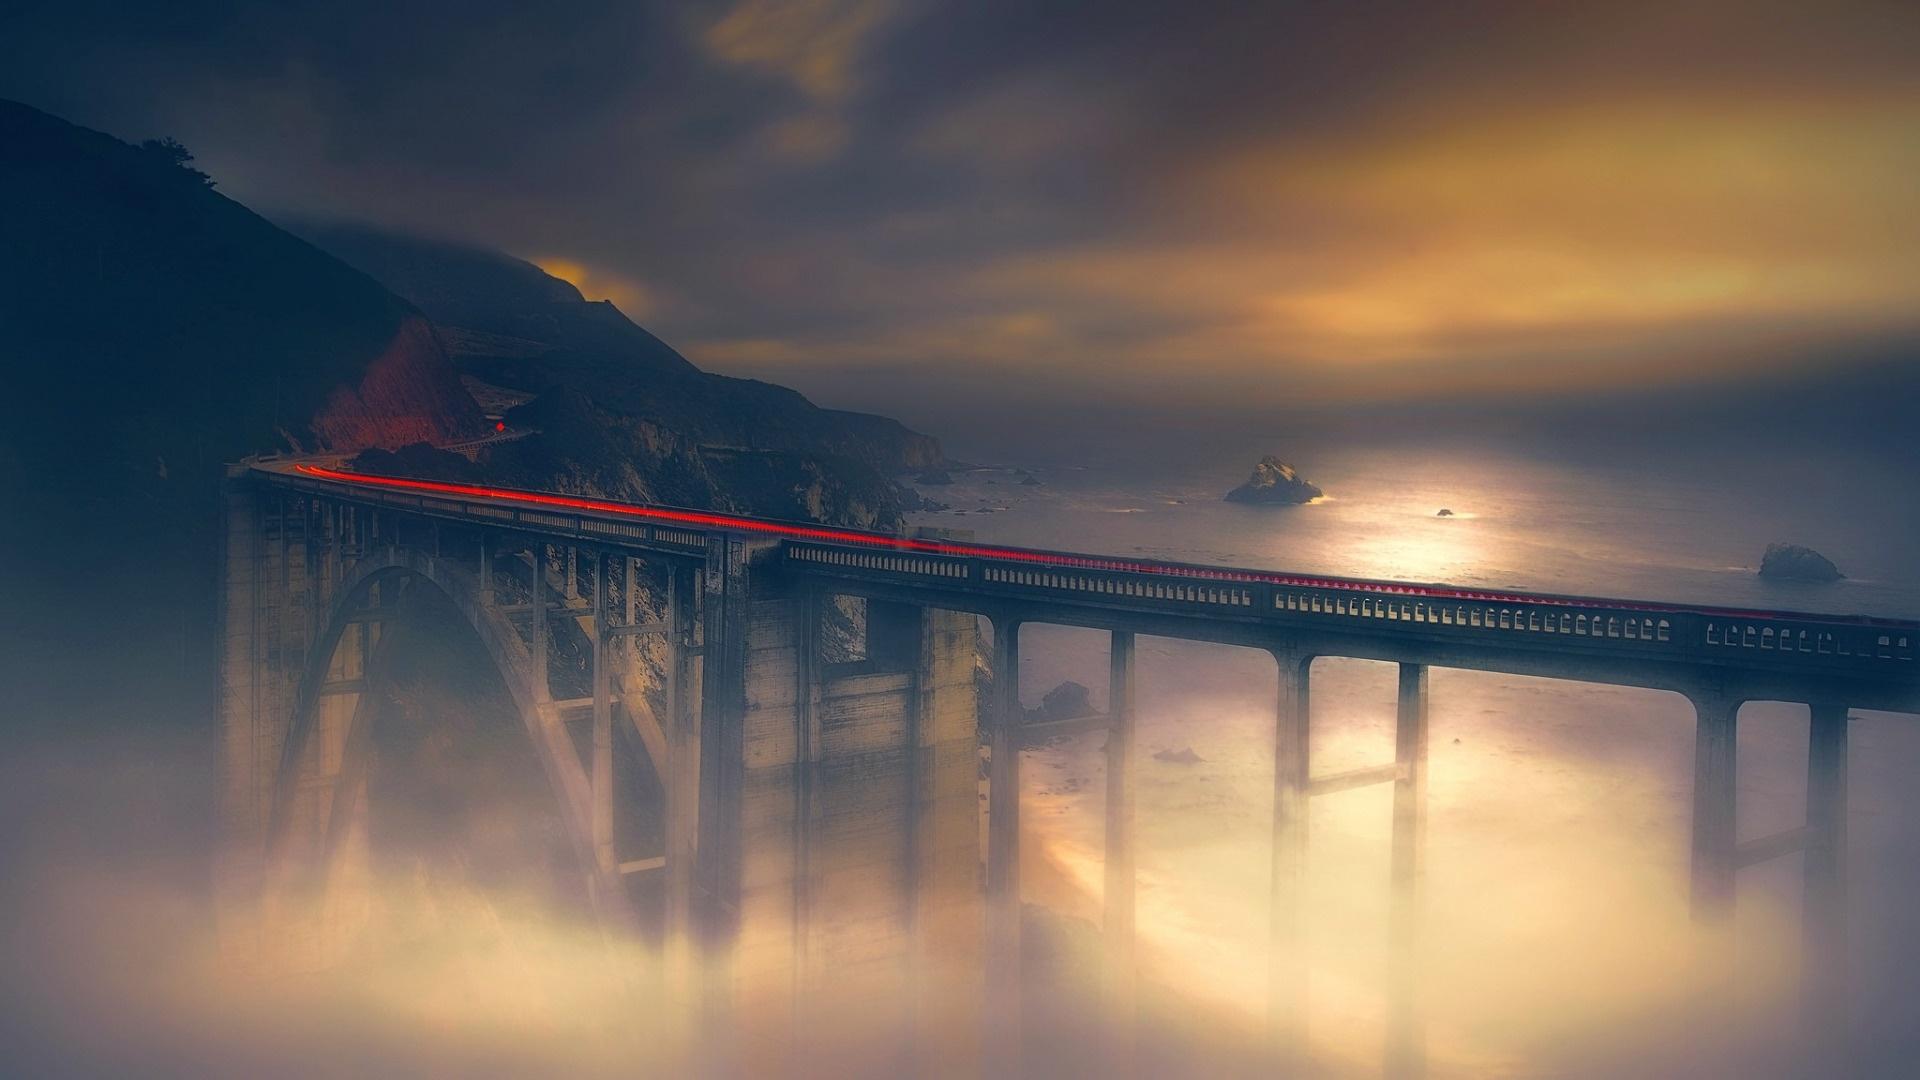 Bridge Art Wallpaper theme